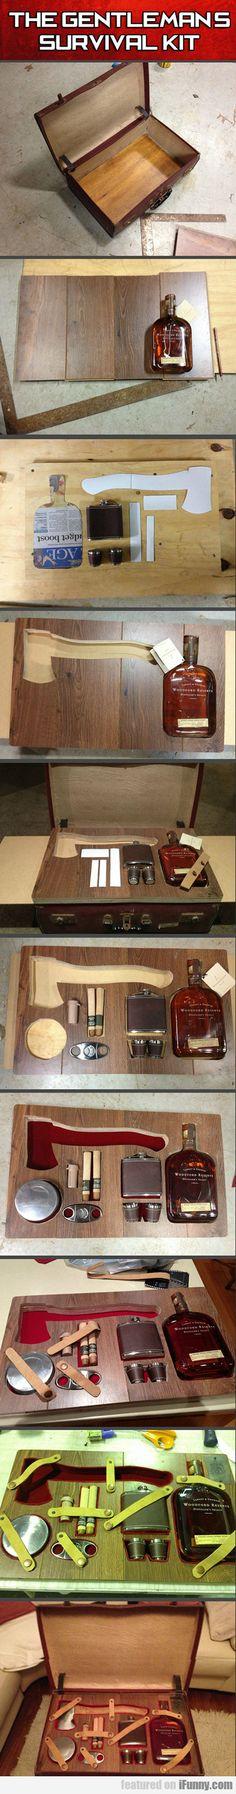 The Gentleman's Survival Kit